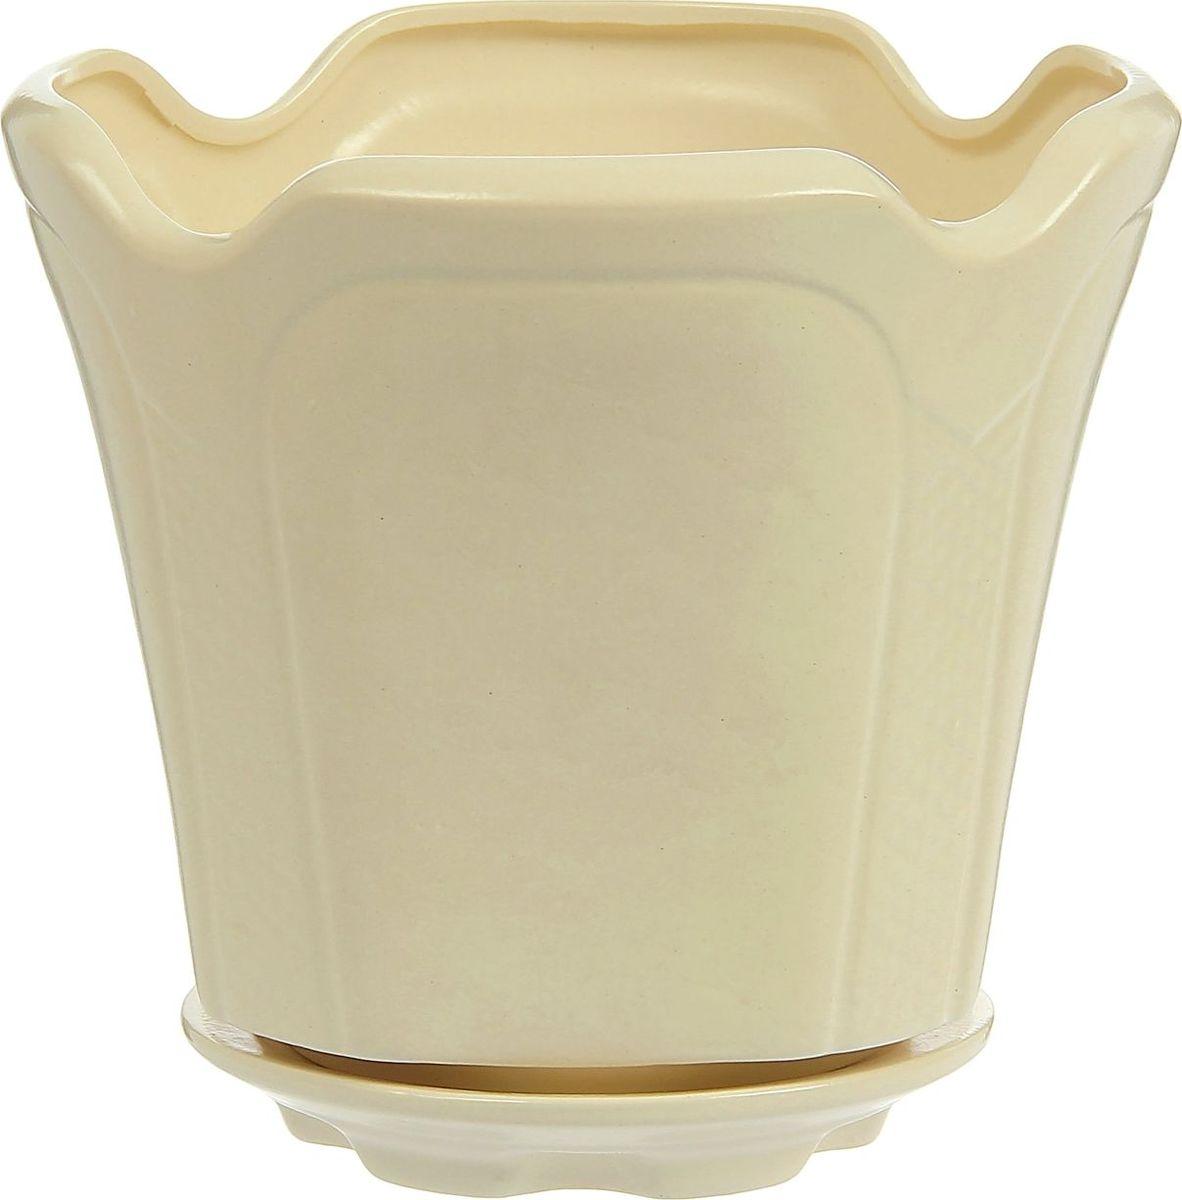 Кашпо Готика, цвет: белый, 3,6 л1239229Комнатные растения — всеобщие любимцы. Они радуют глаз, насыщают помещение кислородом и украшают пространство. Каждому из них необходим свой удобный и красивый дом. Кашпо из керамики прекрасно подходят для высадки растений: за счёт пластичности глины и разных способов обработки существует великое множество форм и дизайновпористый материал позволяет испаряться лишней влагевоздух, необходимый для дыхания корней, проникает сквозь керамические стенки! #name# позаботится о зелёном питомце, освежит интерьер и подчеркнёт его стиль.